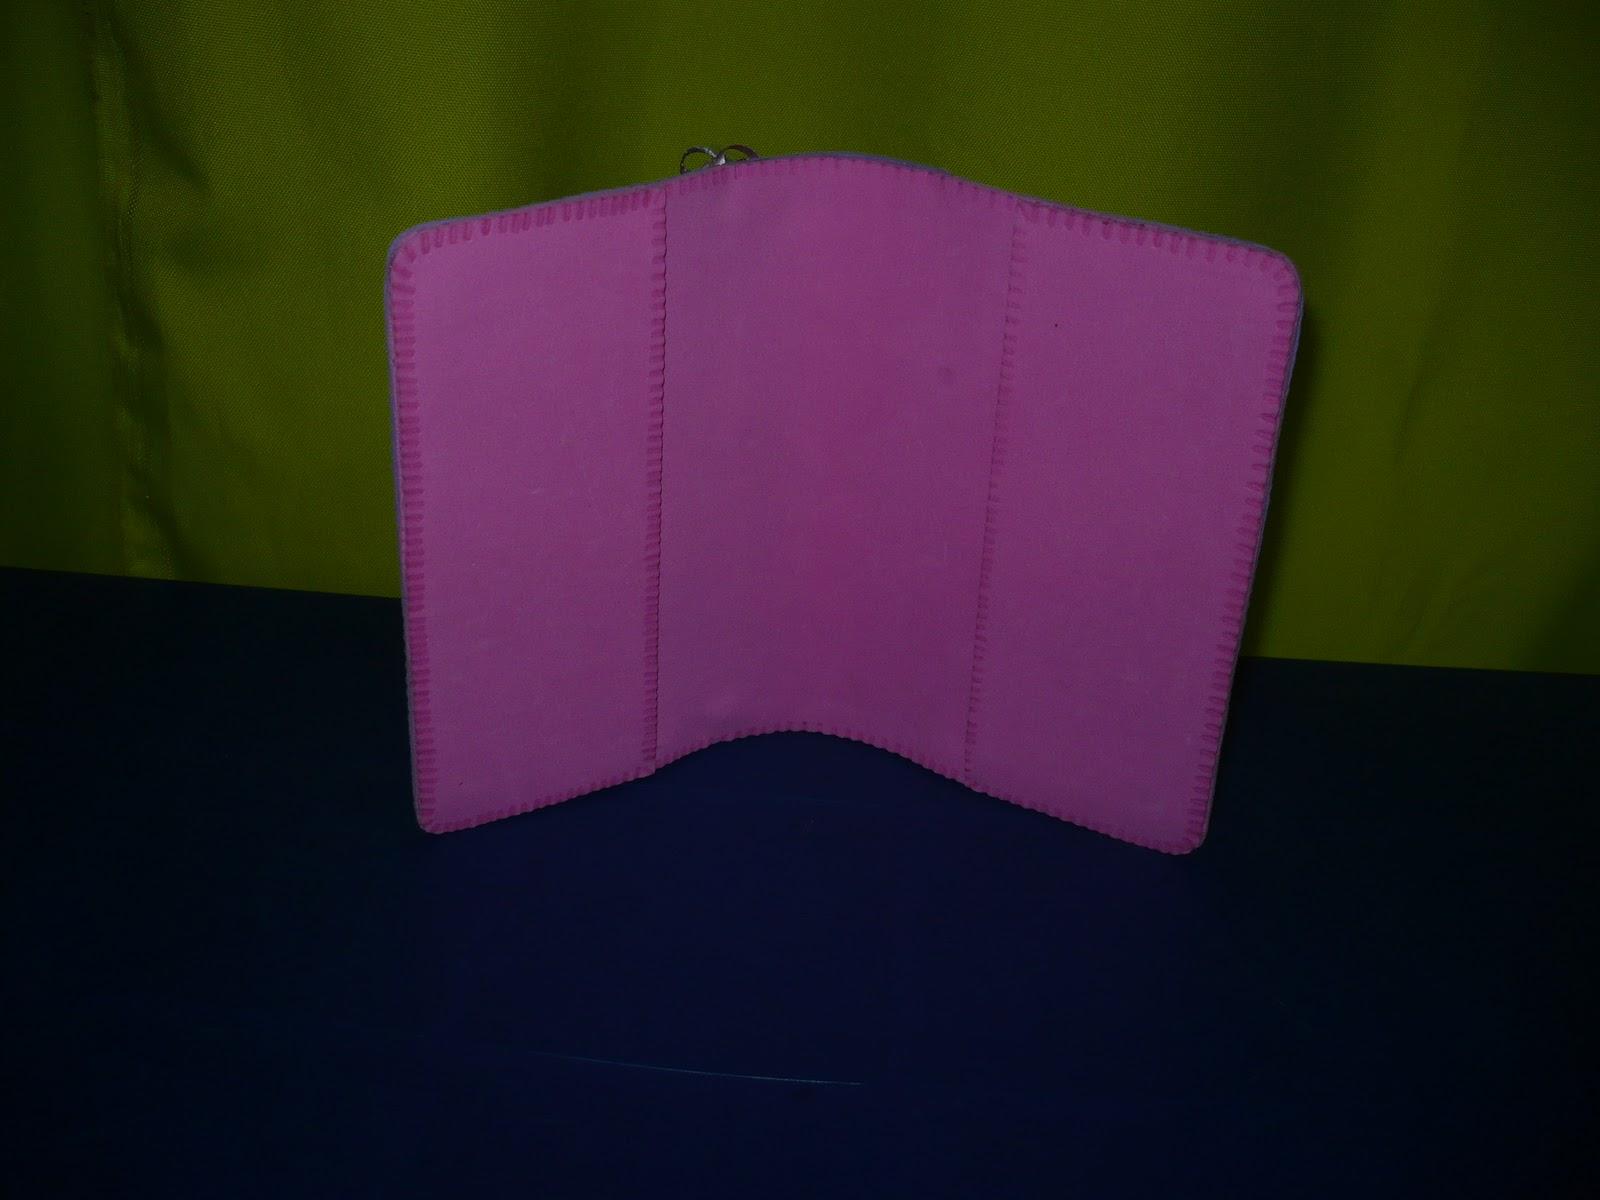 Manualidades como hacer una biblia con fomi imagui for Como hacer una banqueta tapizada